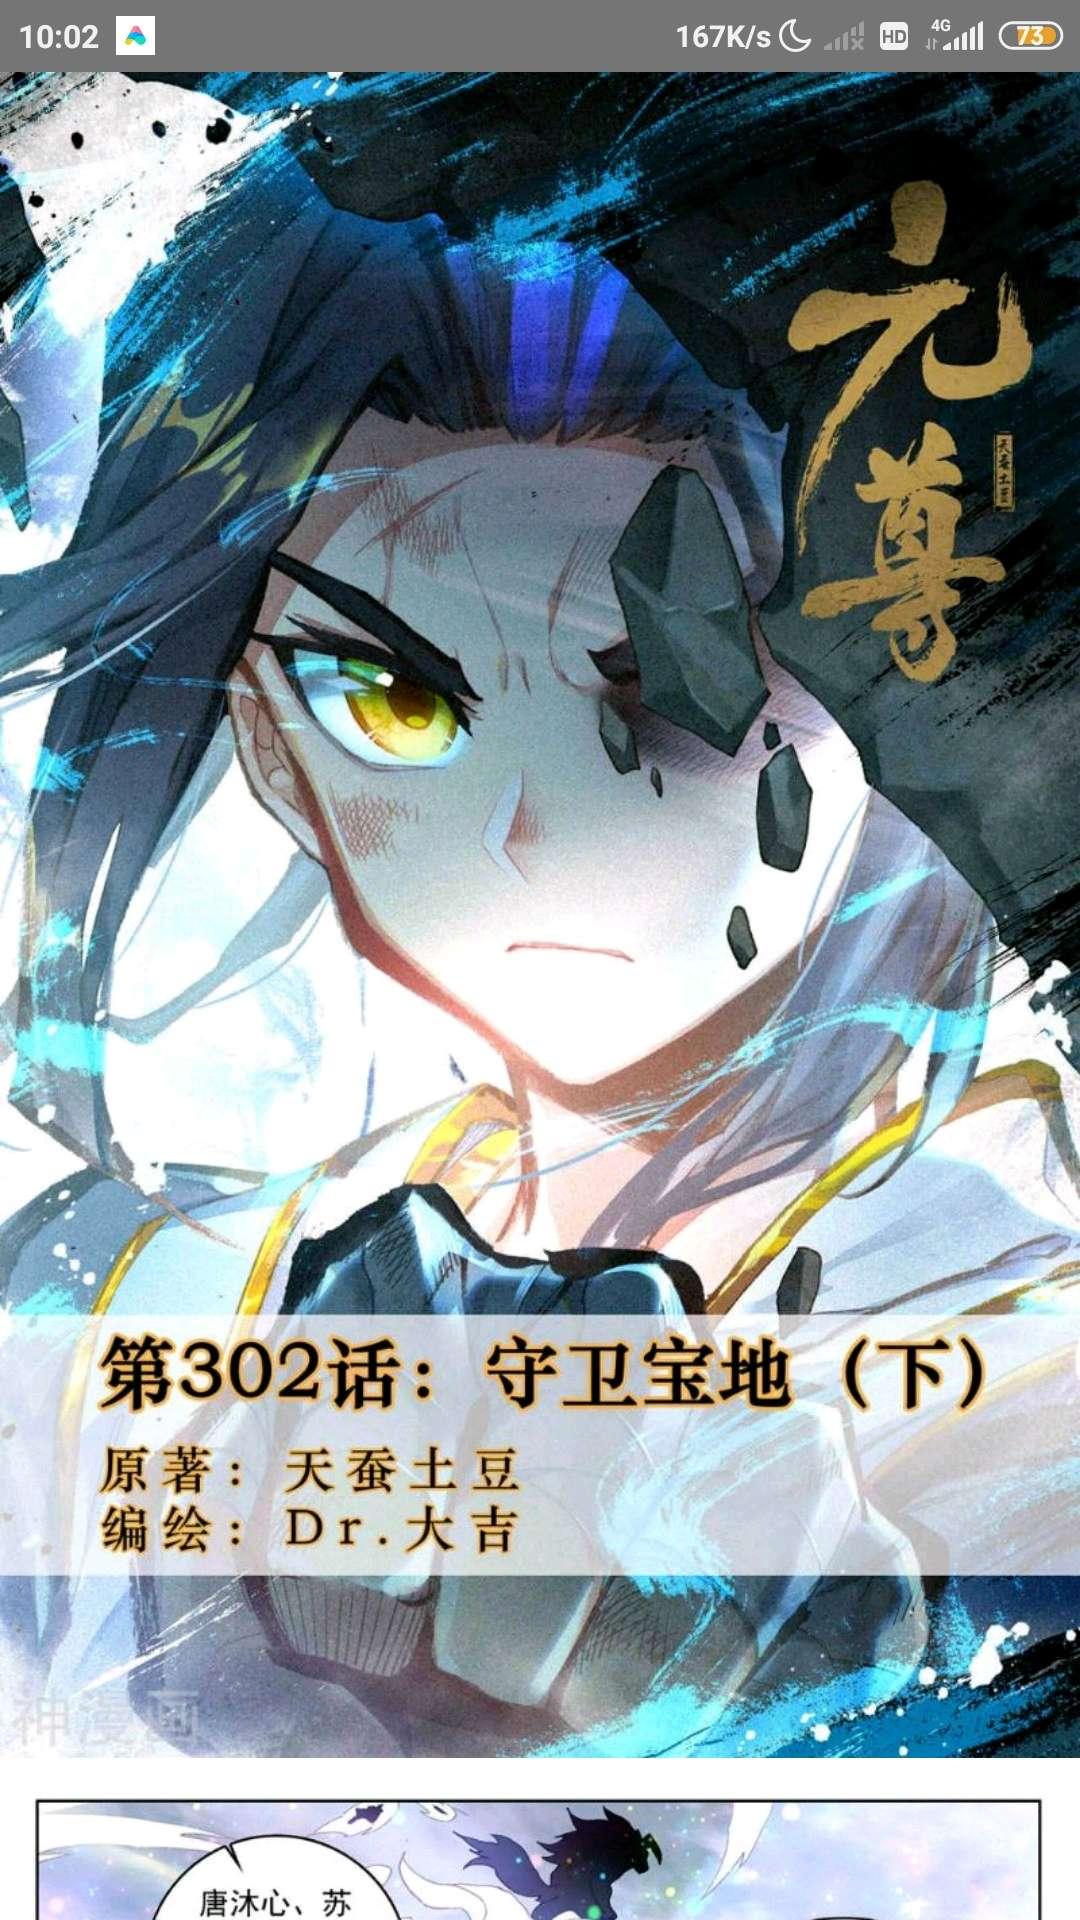 【漫画更新】元尊  302守卫宝地(下)-小柚妹站